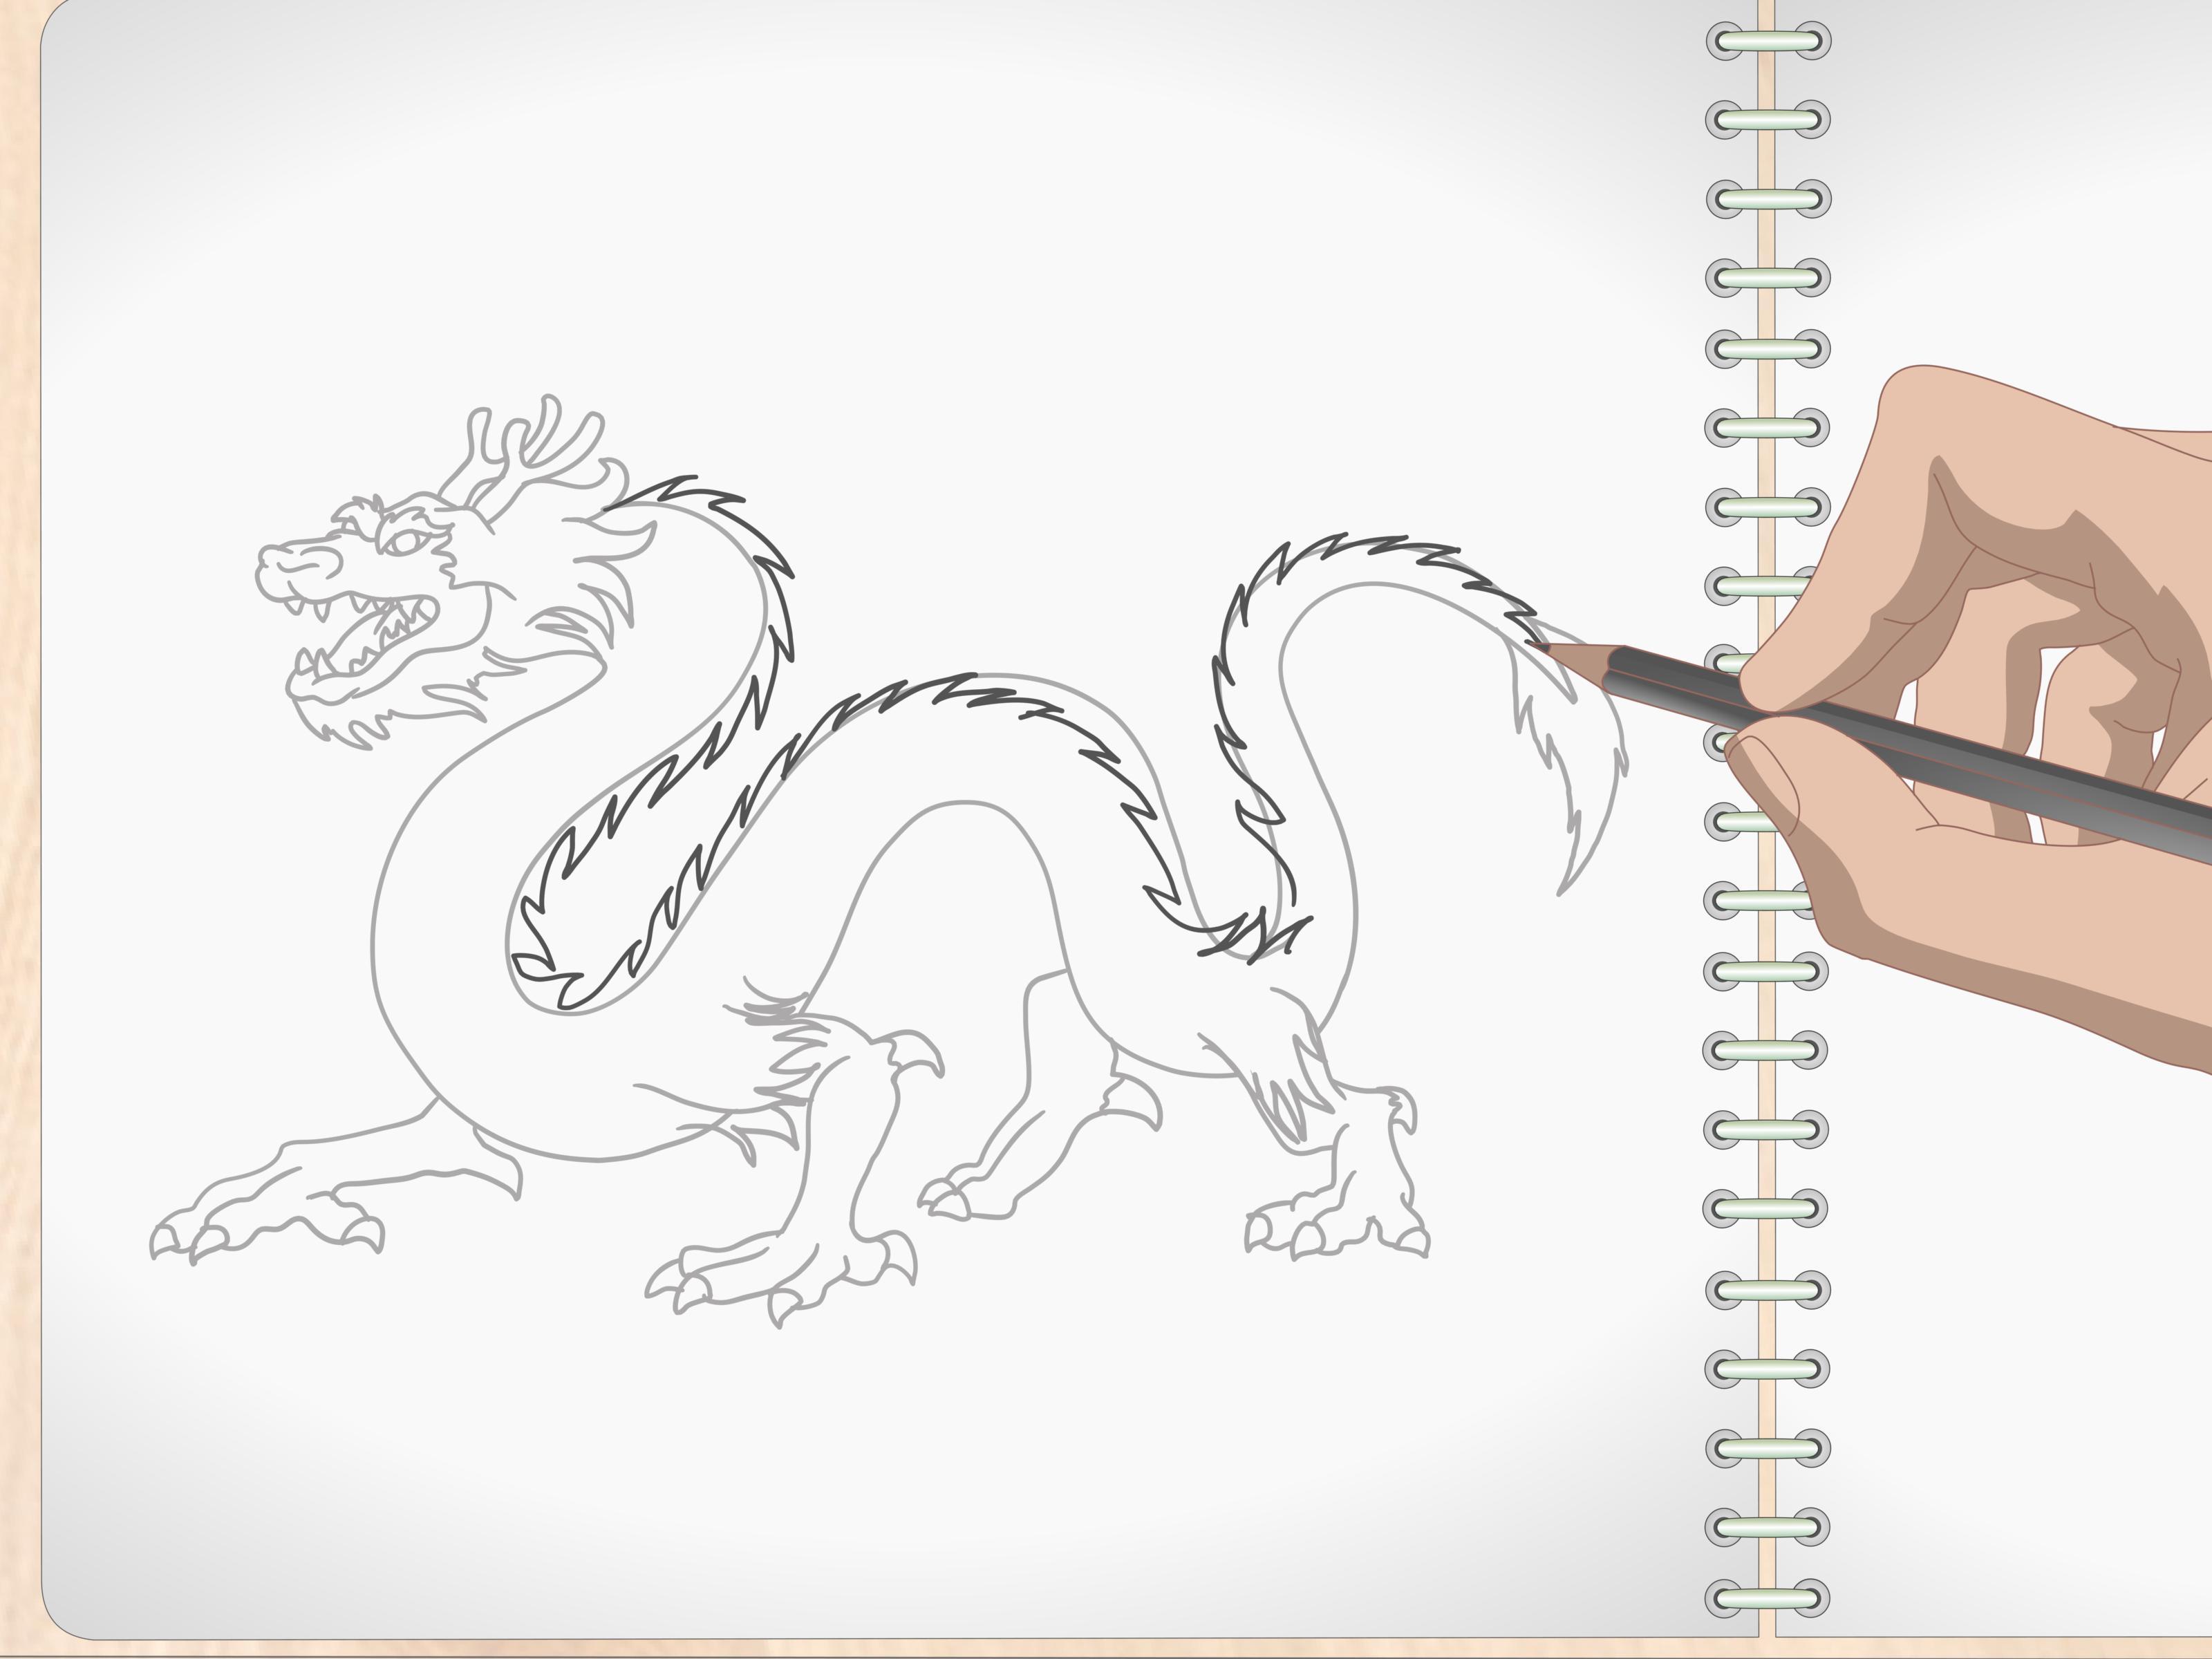 Comment Dessiner Un Dragon Avec Images Wikihow